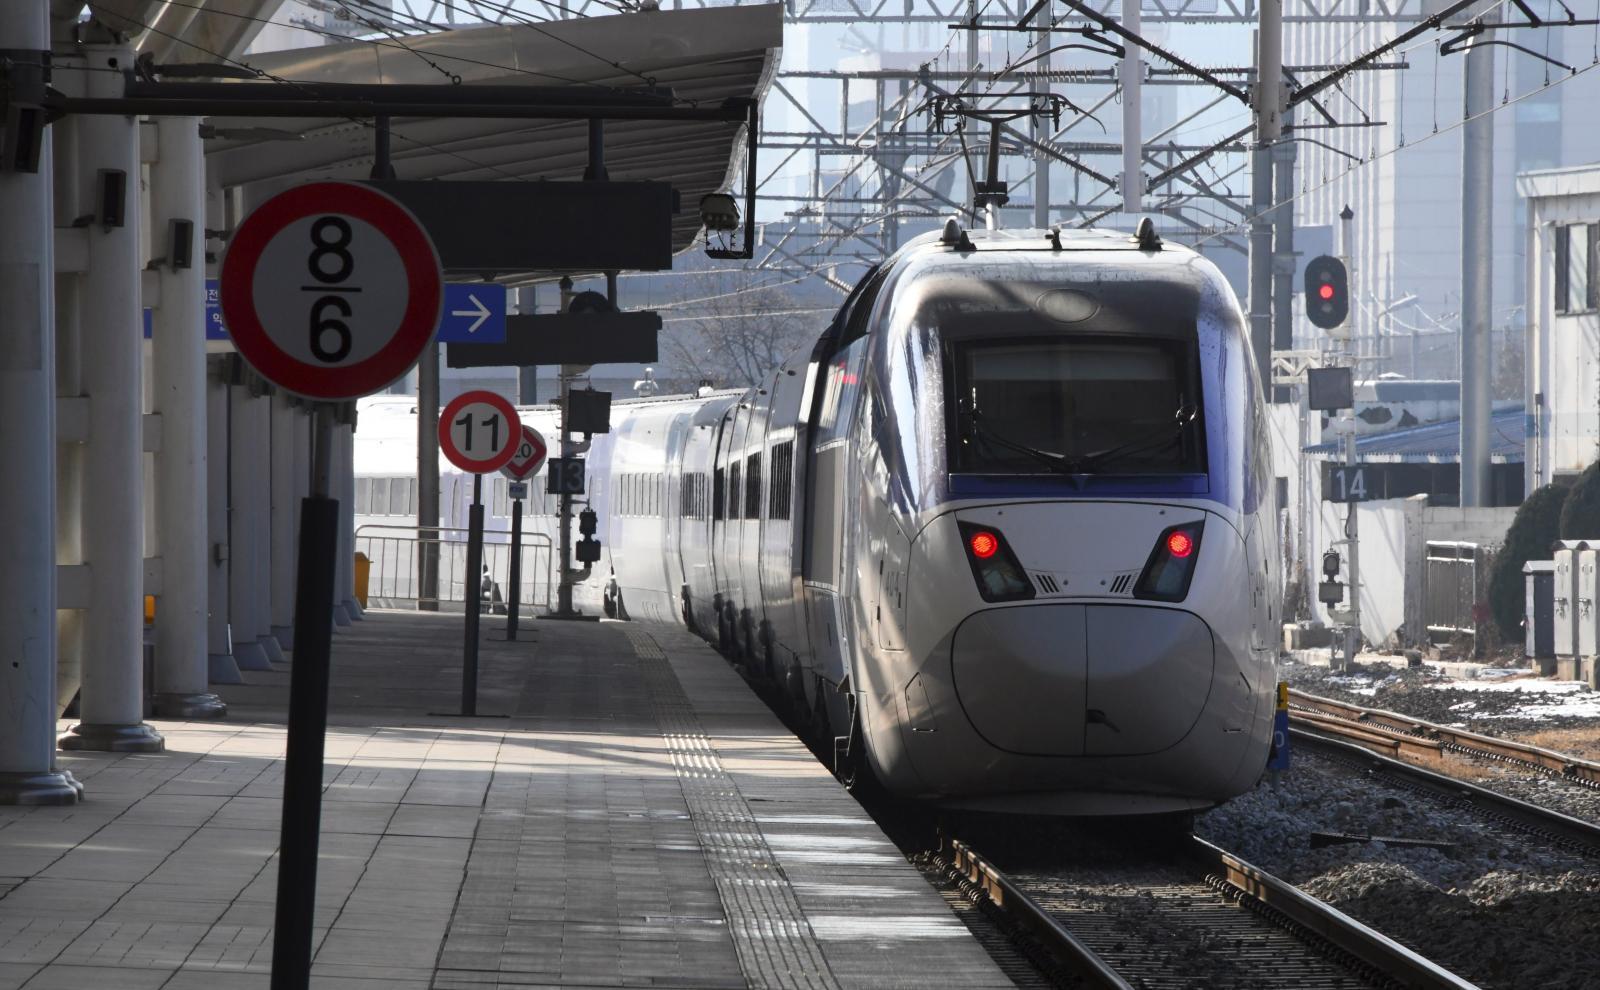 เกาหลีใต้ เตรียมใช้รถไฟฟ้าความเร็วสูง แทนรถไฟดีเซลทั้งหมด ภายในปี 2029